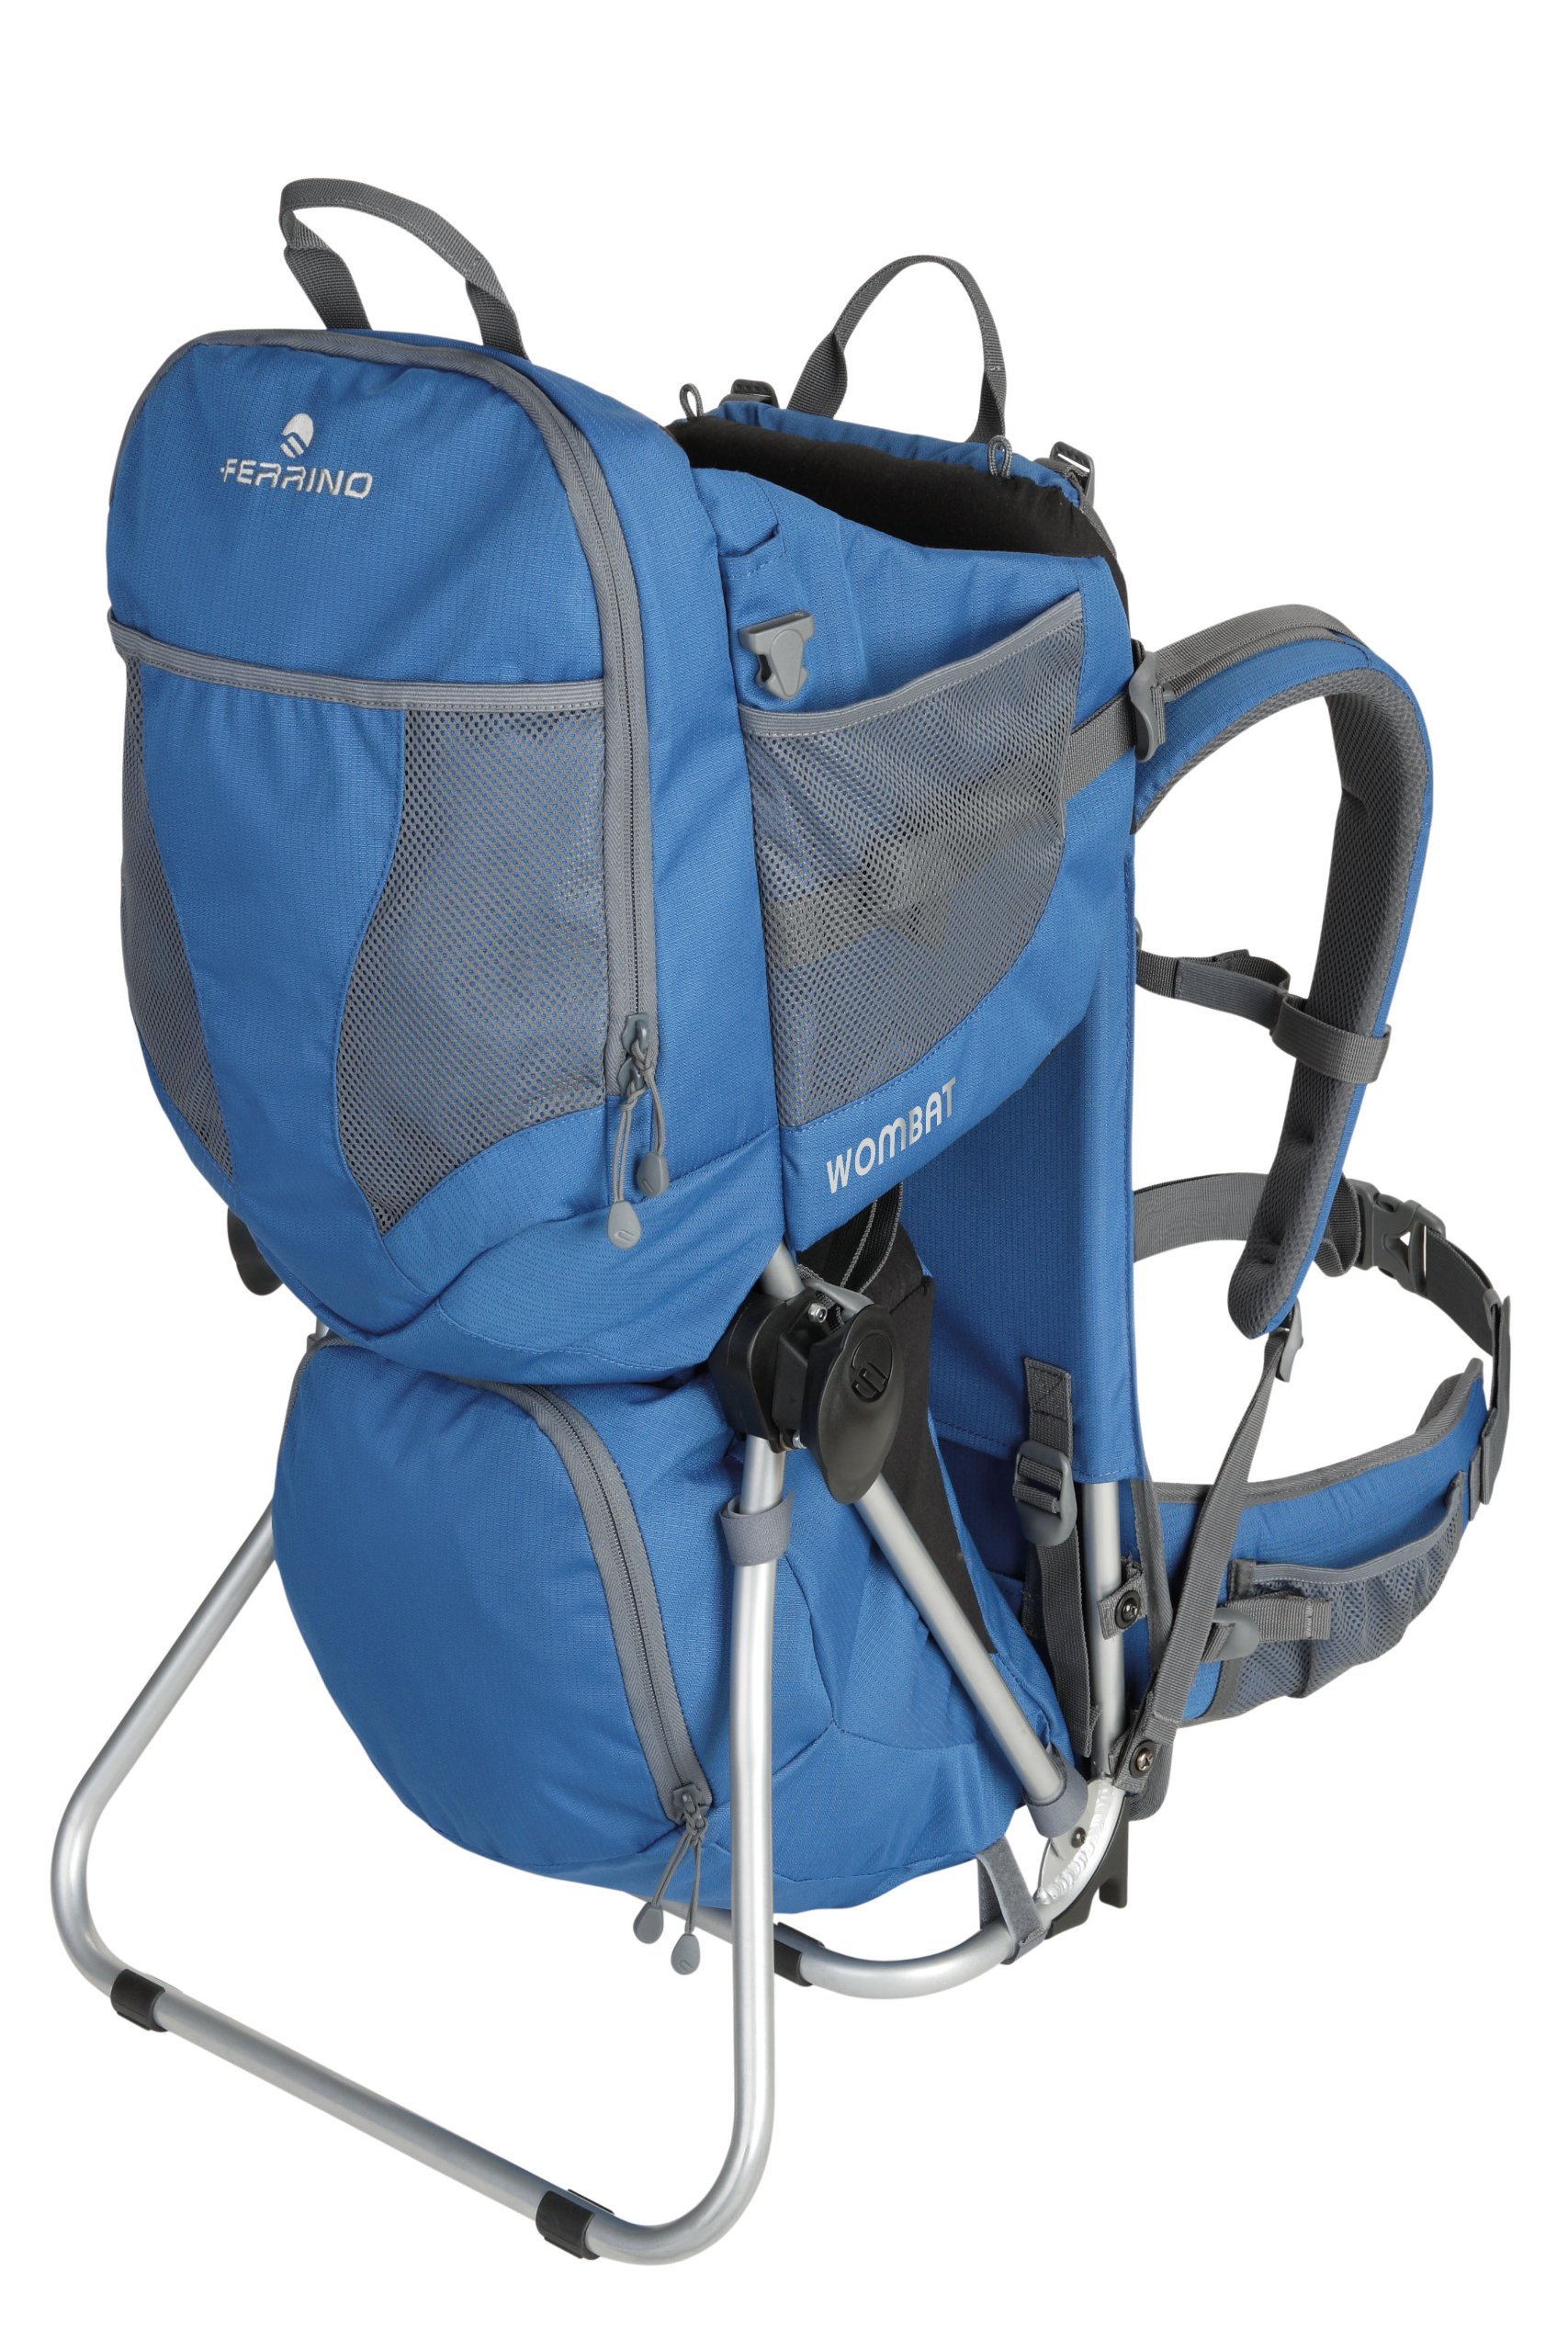 Ferrino Wombat Baby-Carrying Backpacks, Blue  Ferrino